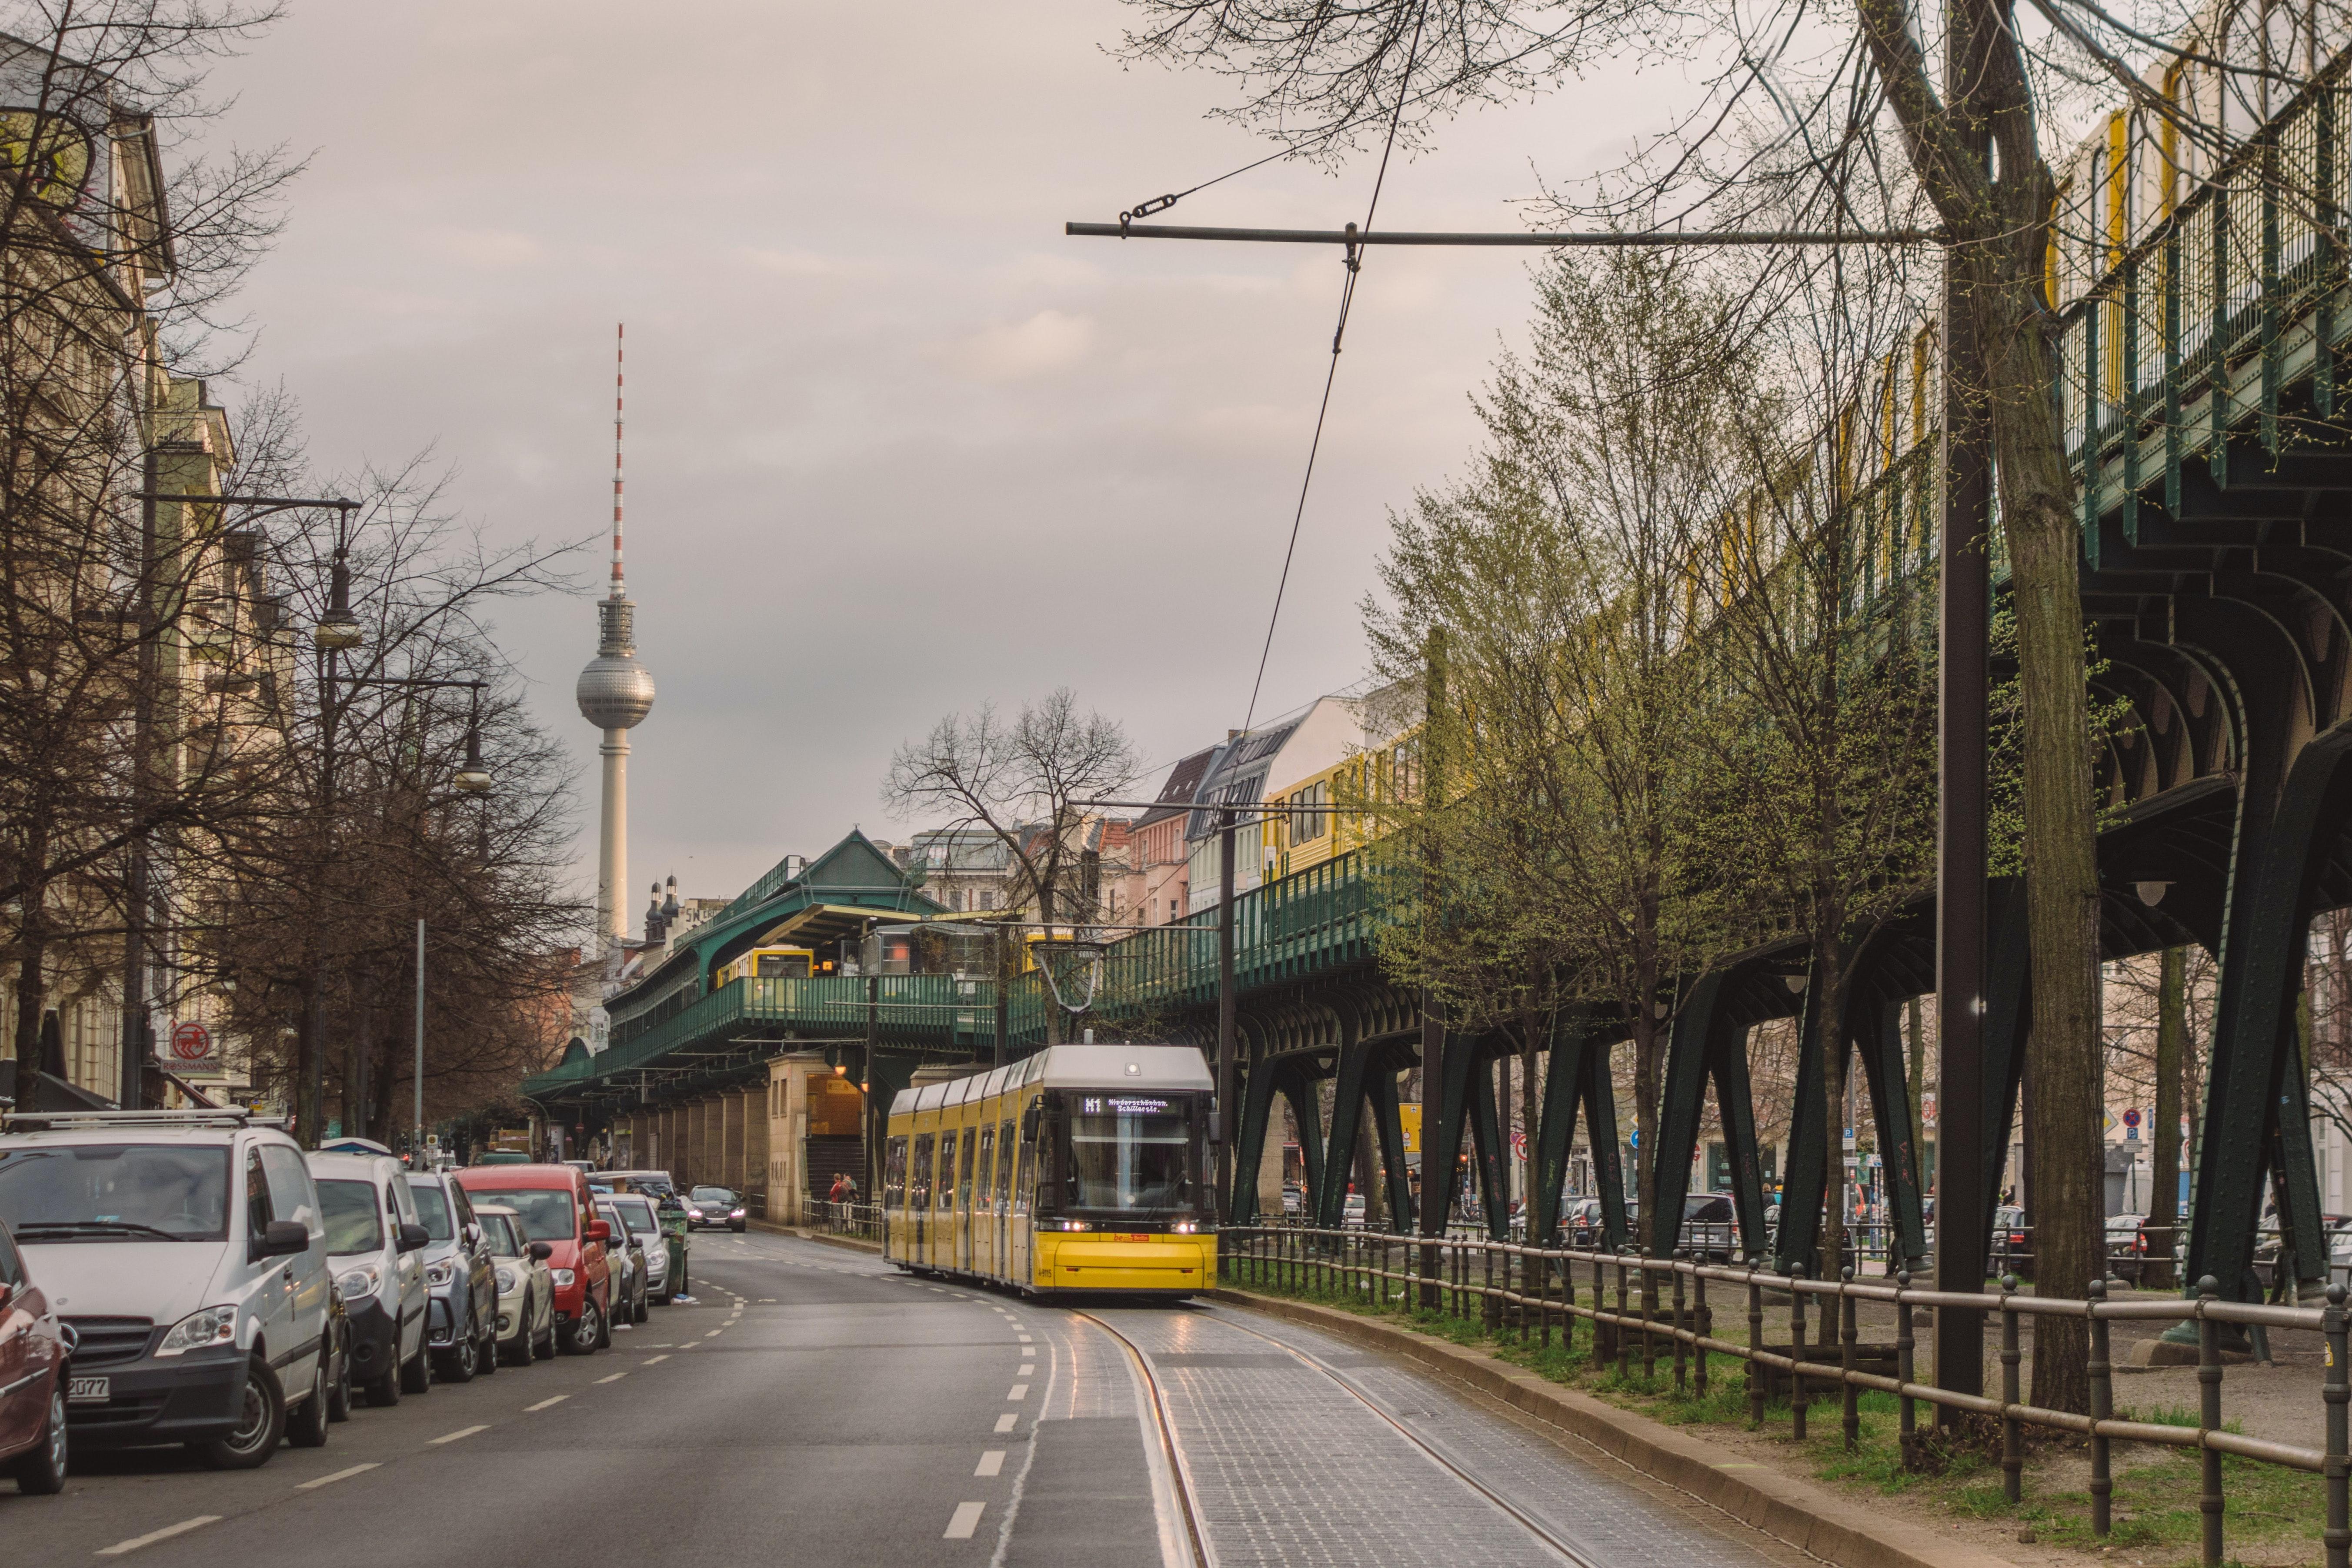 Foto von Straßenansicht aus Berlin mit Straßenbahn, Autos und Fernsehturm im Hintergrund